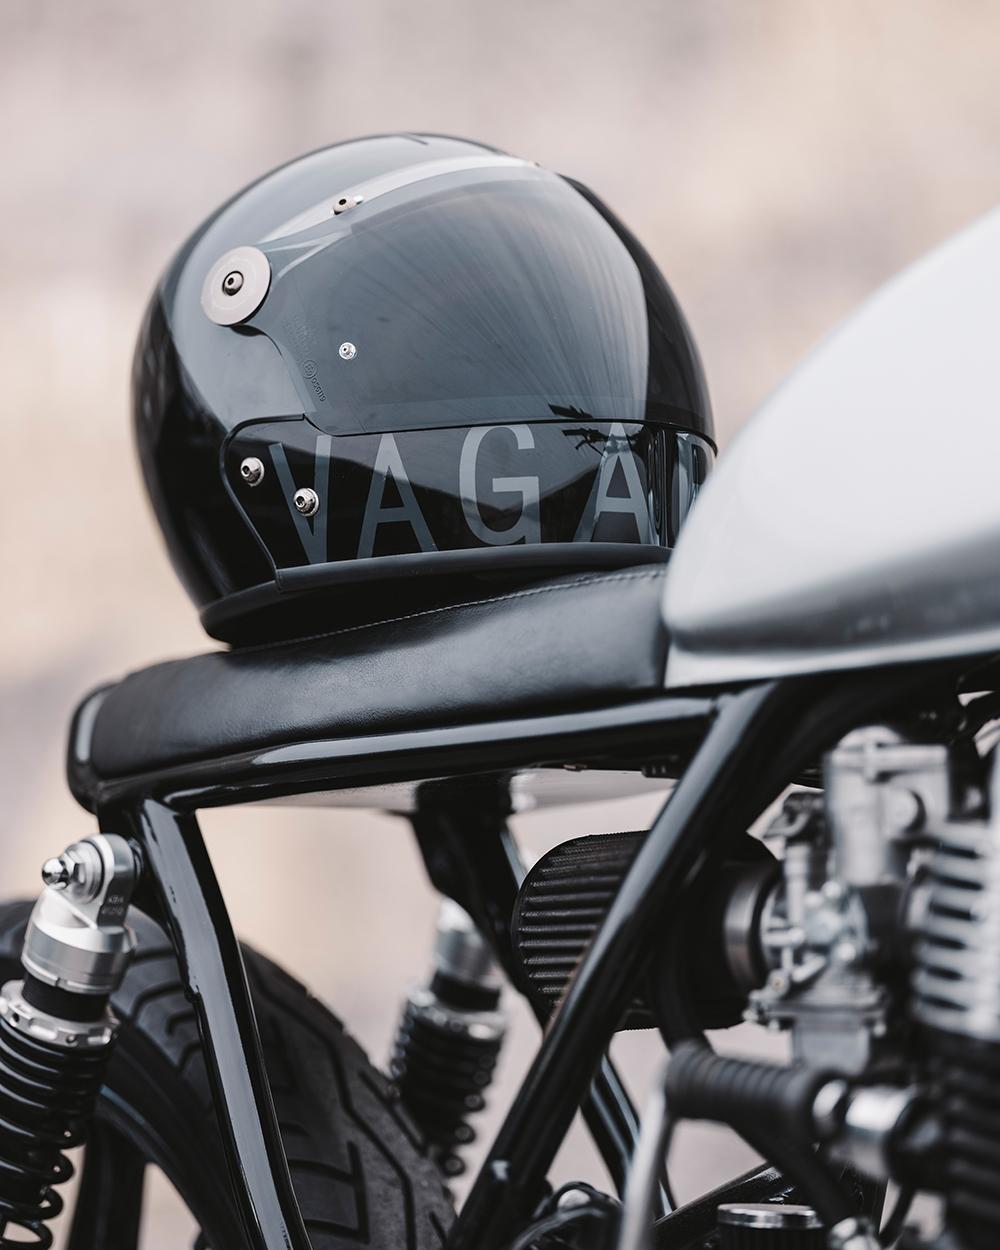 vagabund helmet, Vagabund